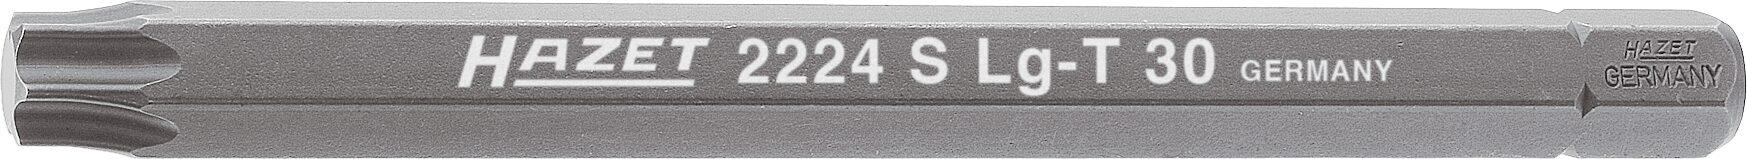 HAZET Bit 2224SLG-T30 ∙ Sechskant massiv 8 (5/16 Zoll) ∙ Innen TORX® Profil ∙ T30